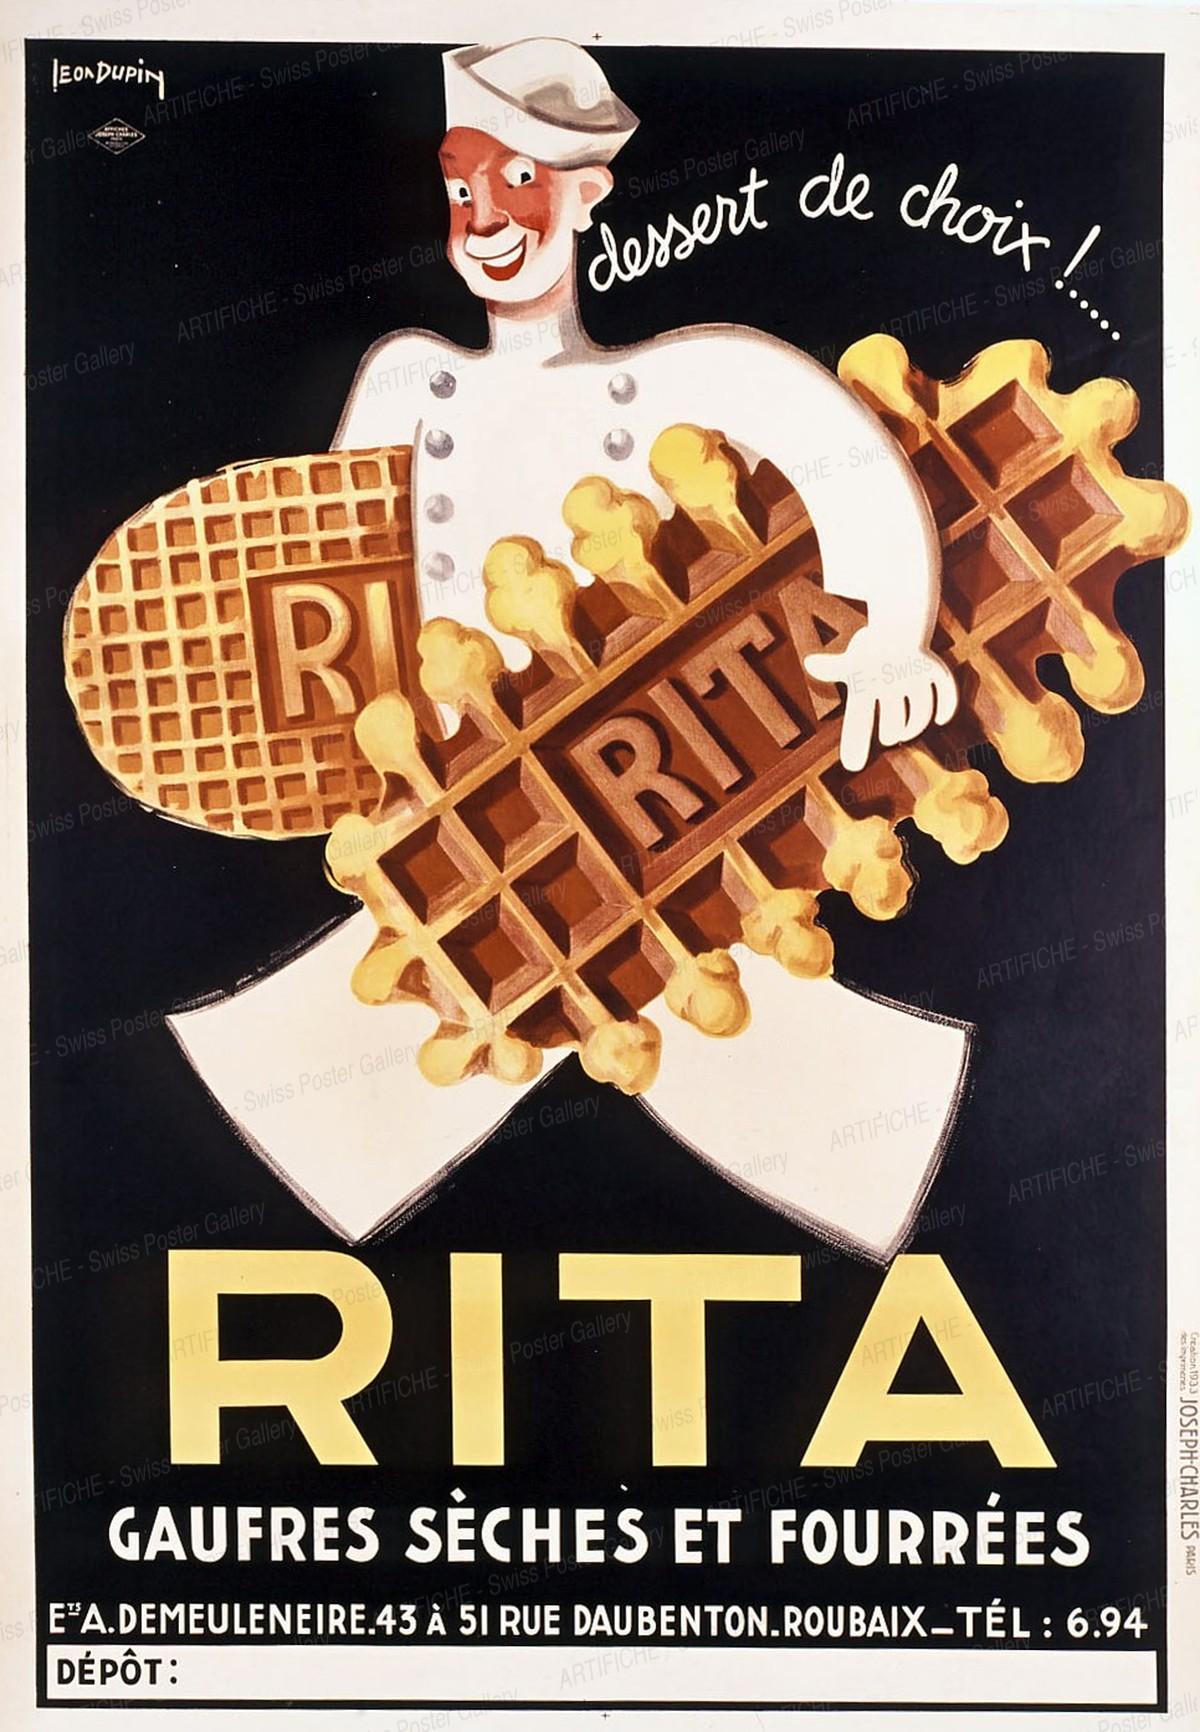 RITA – dessert de choix !, Leo Dupin